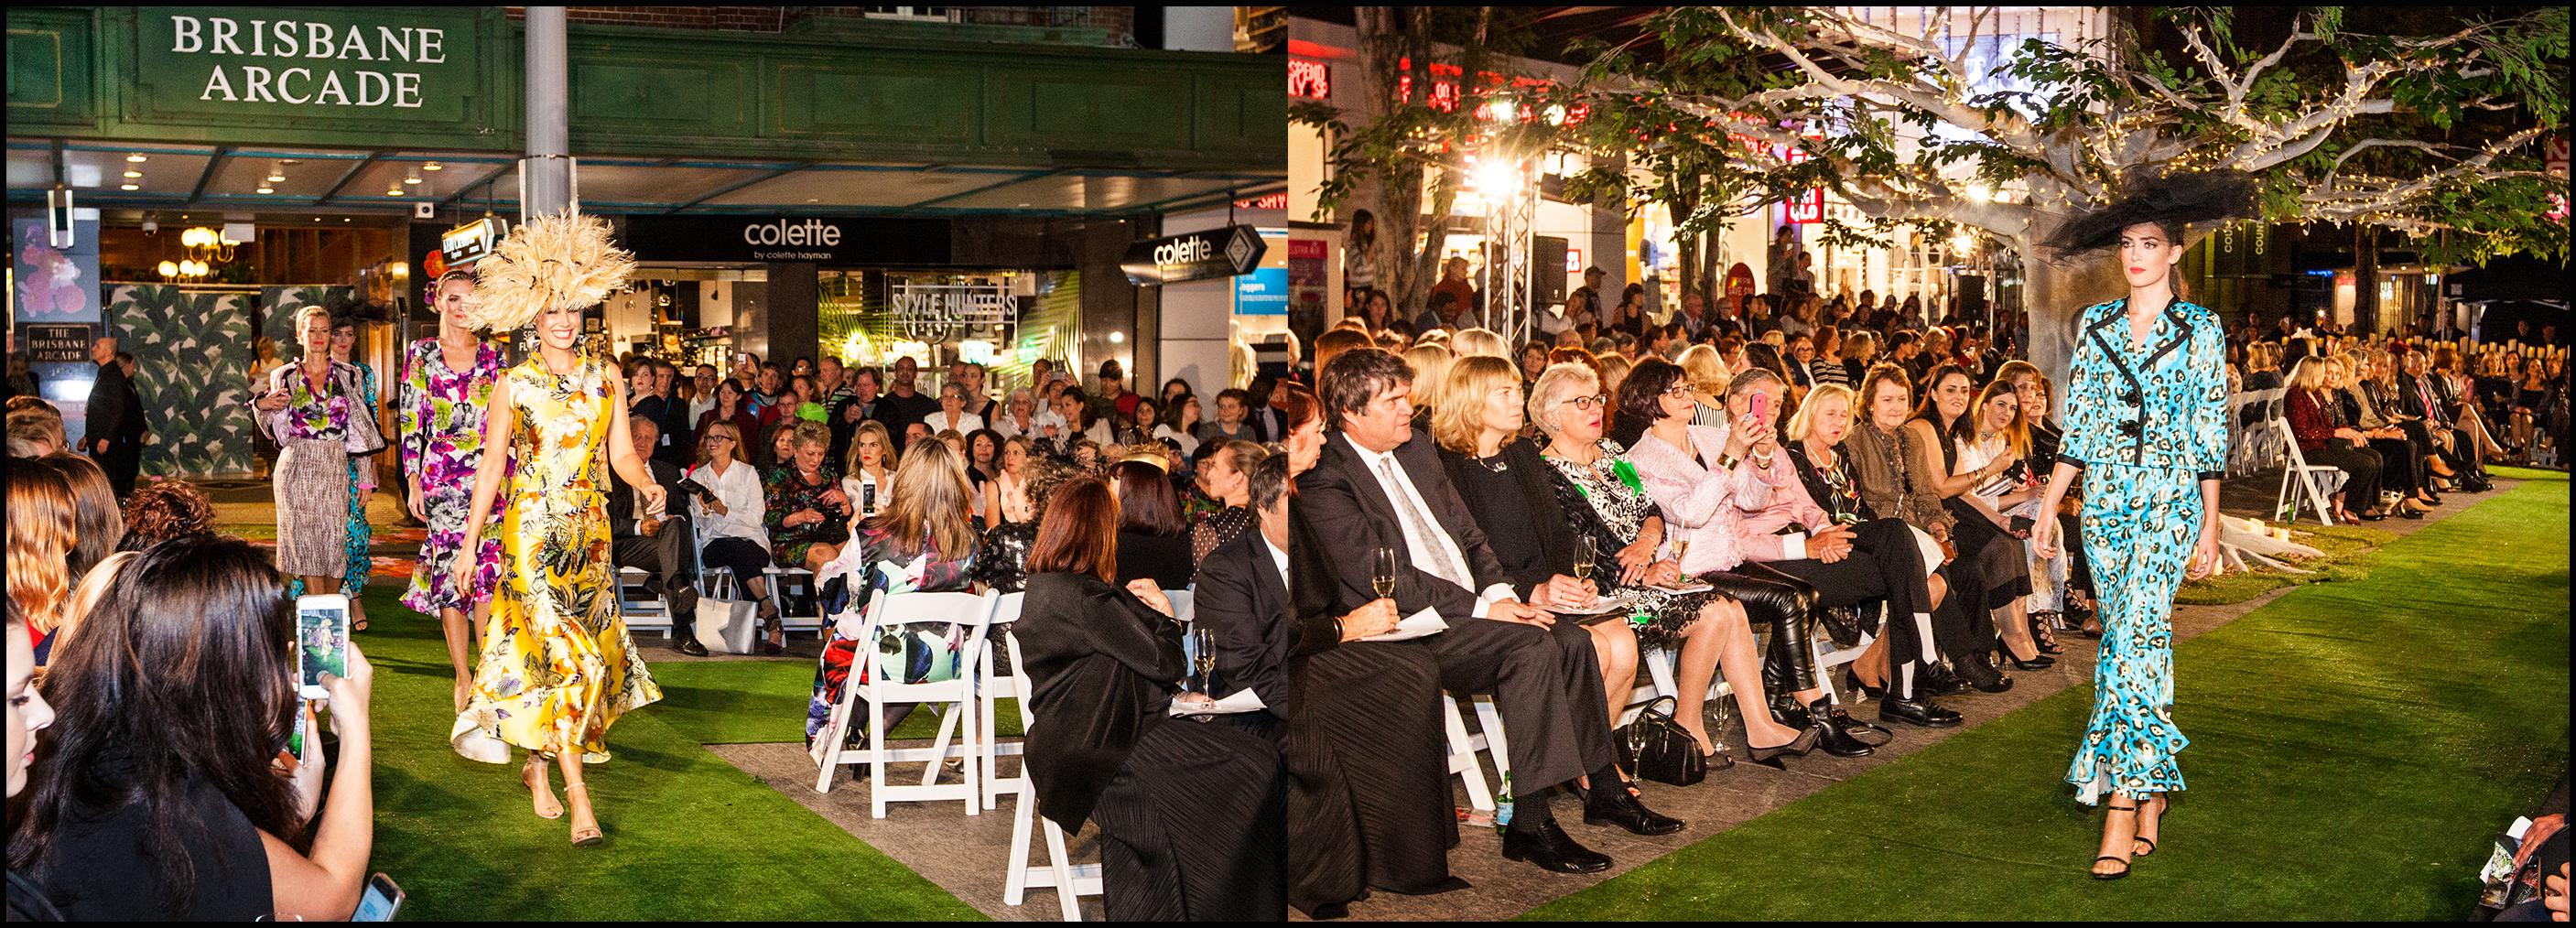 Brisbane_Event_Photography-Brisbane_Arcade_05